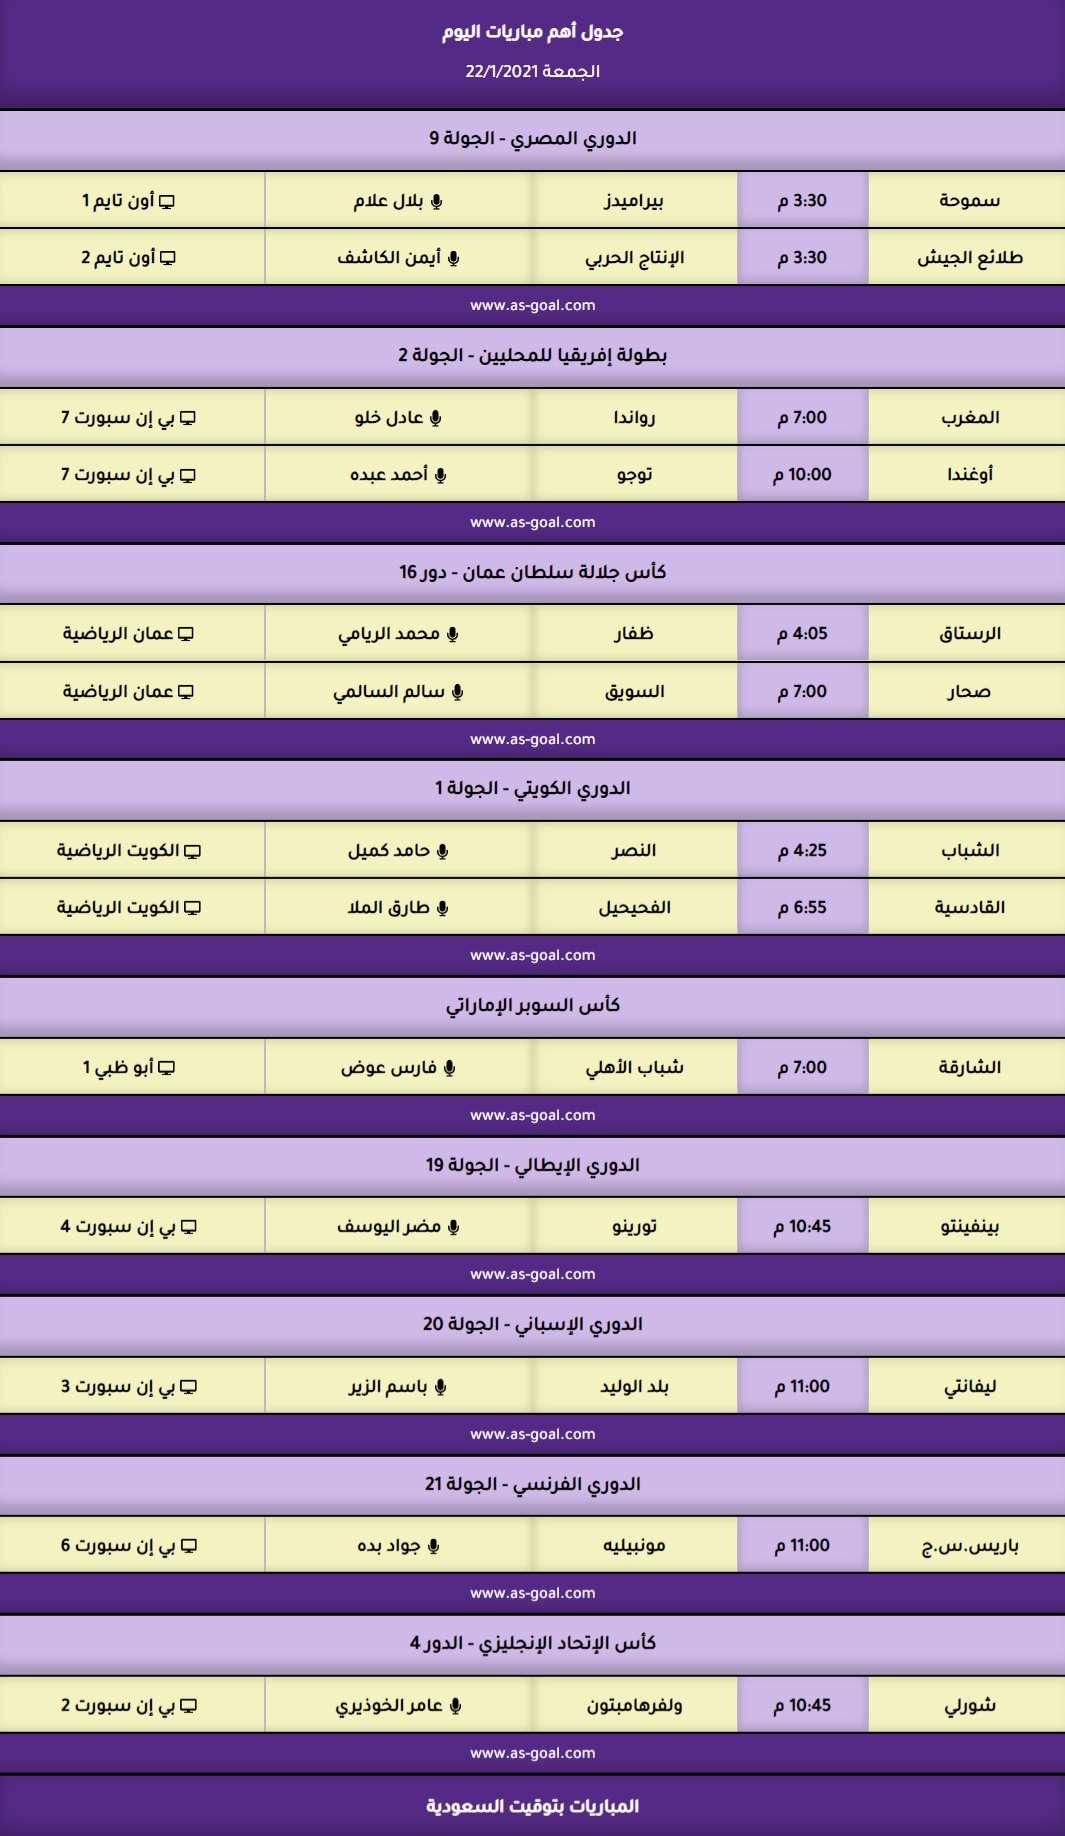 مواعيد مباريات اليوم الجمعة 22 يناير 2021 والقنوات الناقلة